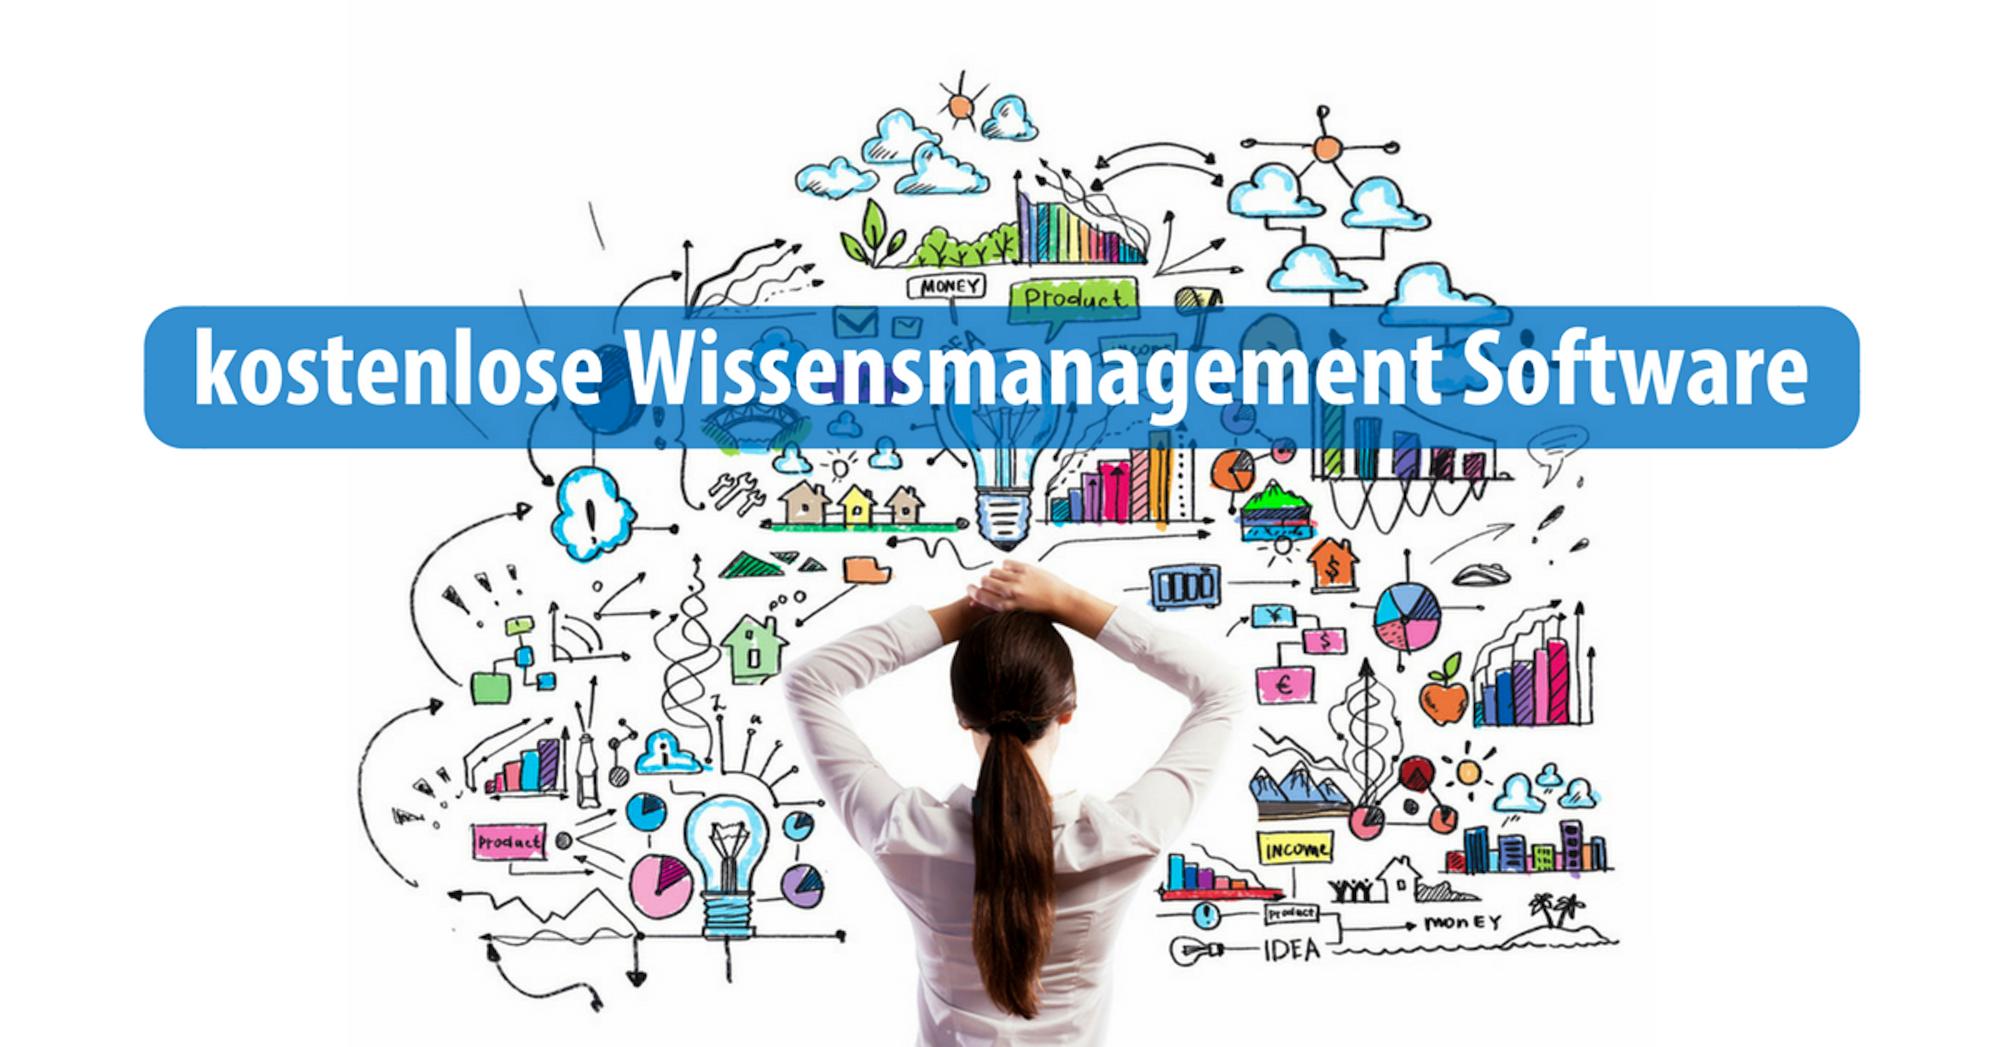 Kostenlose Wissensmanagement Software